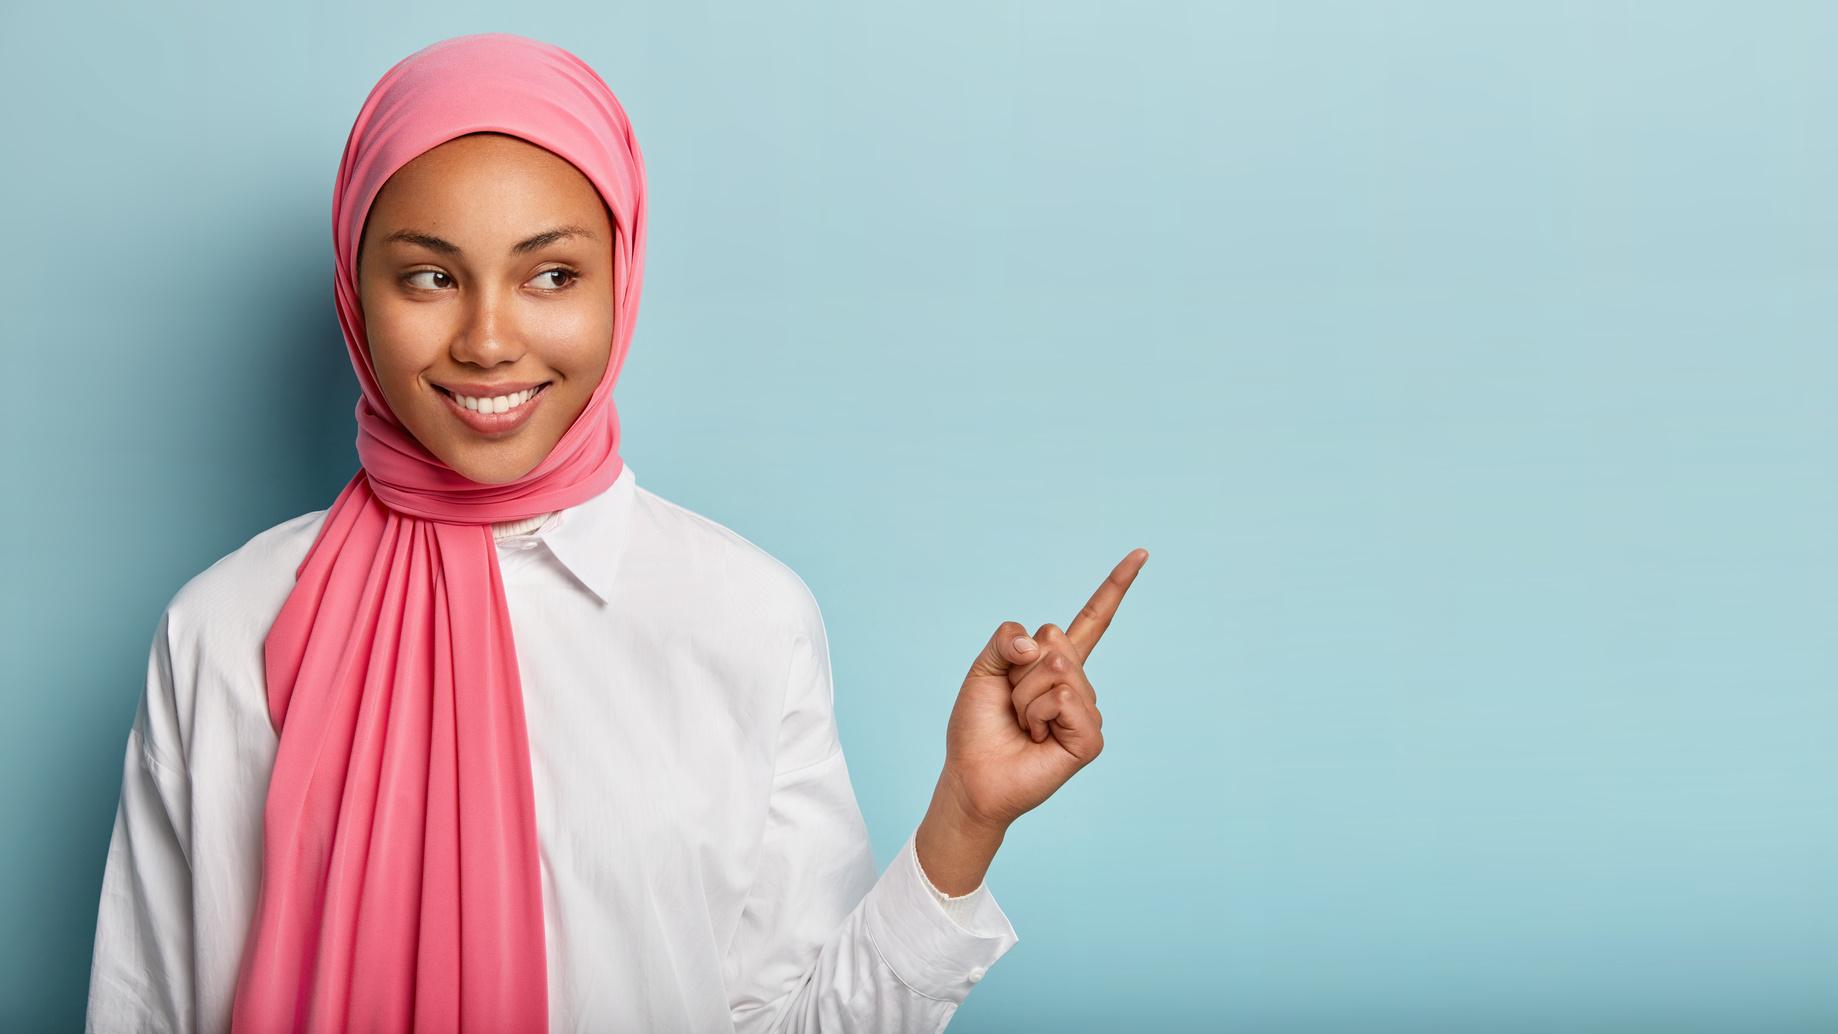 イスラム教徒の従業員に対する宗教・文化的配慮とは?